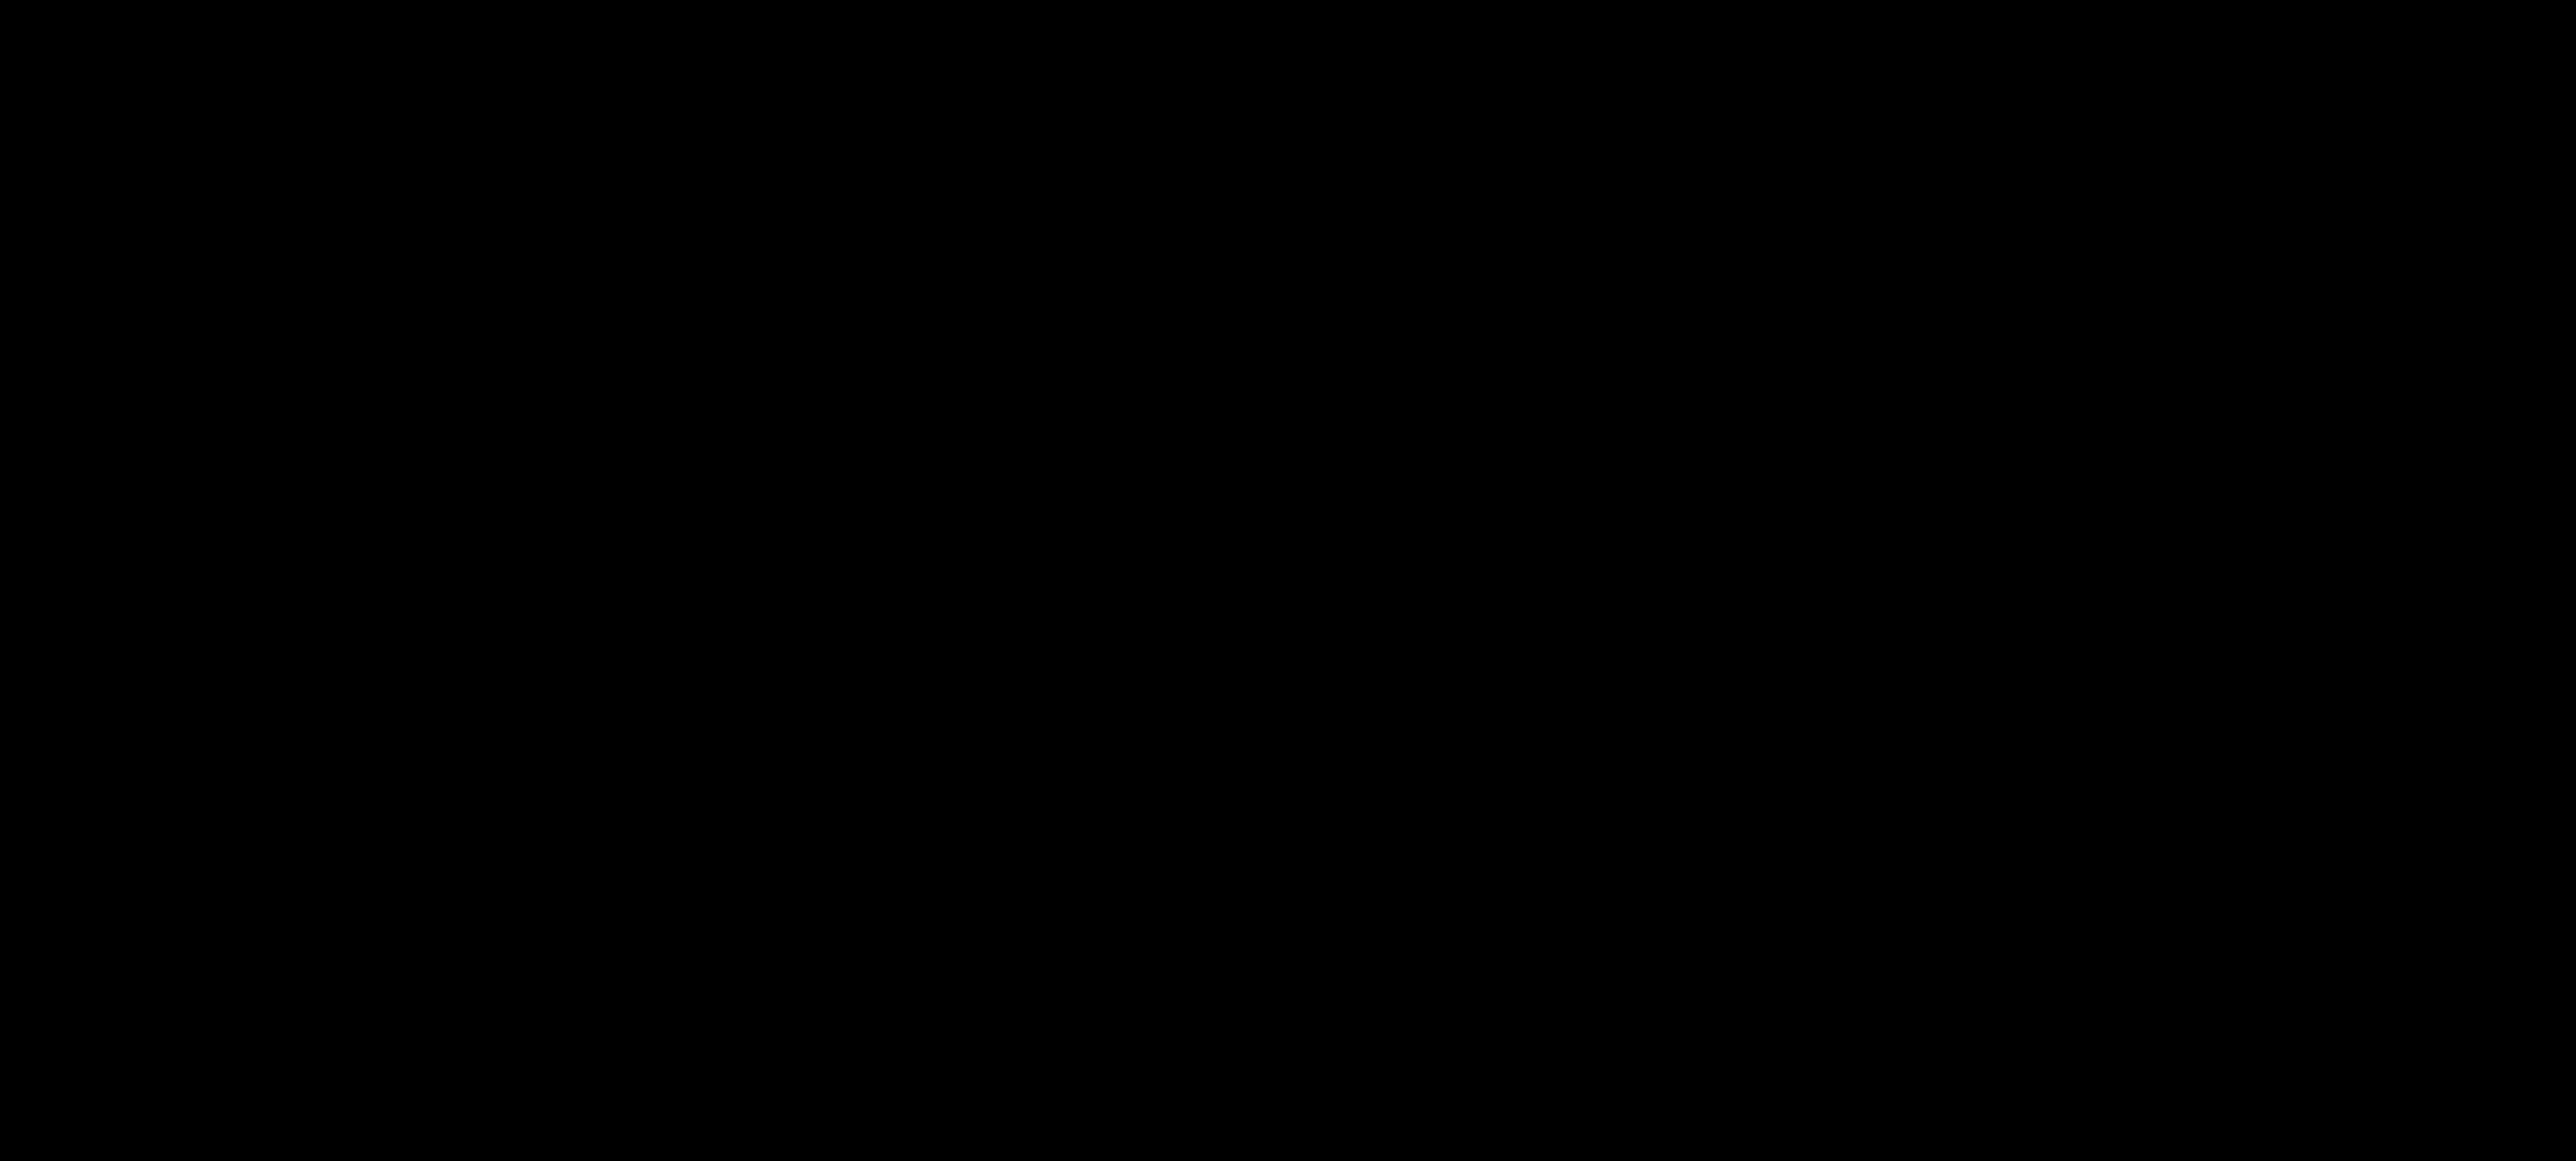 Hart Tools